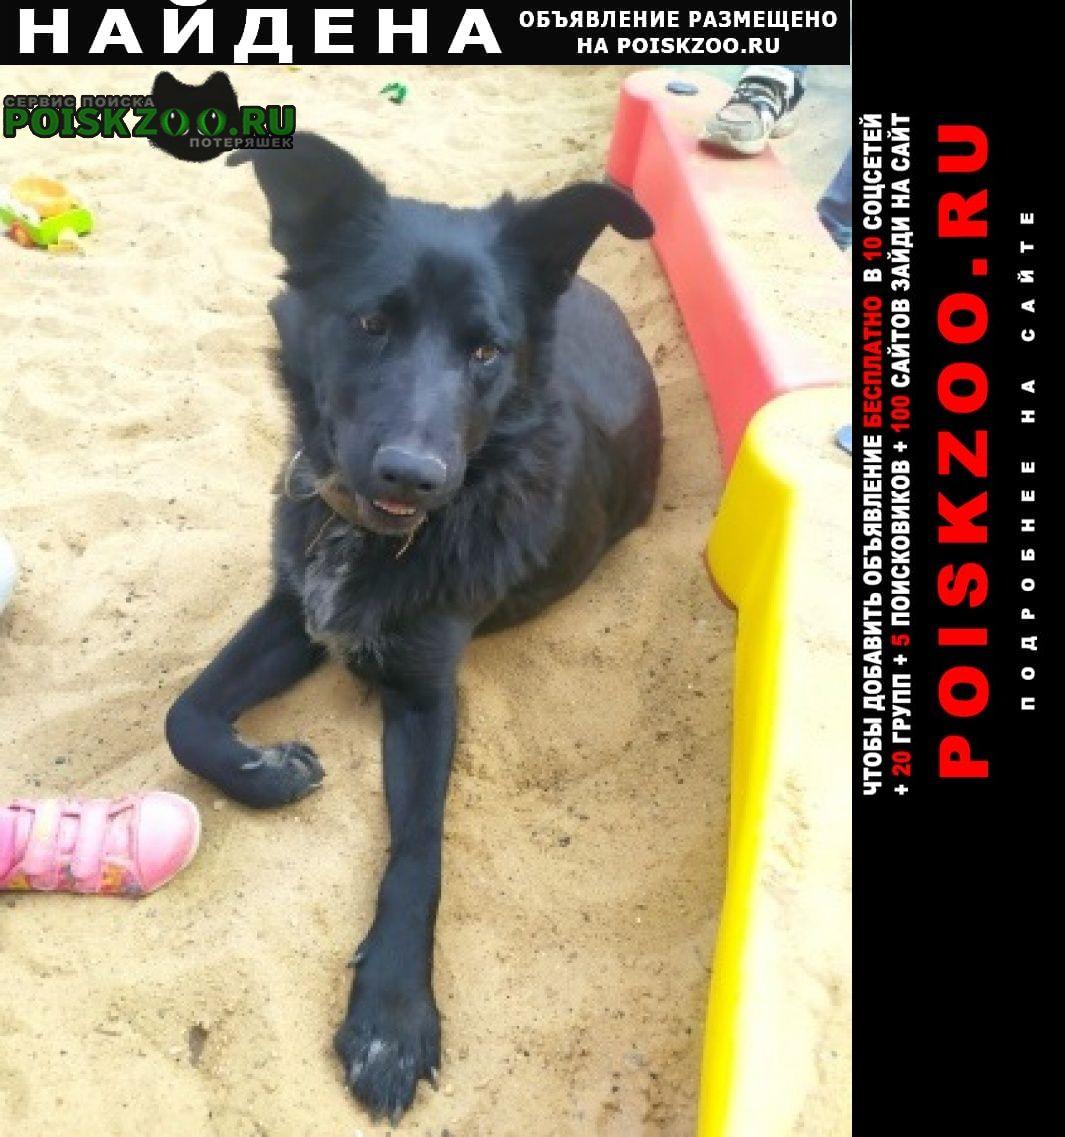 Найдена собака взрослая большая девочка Реутов